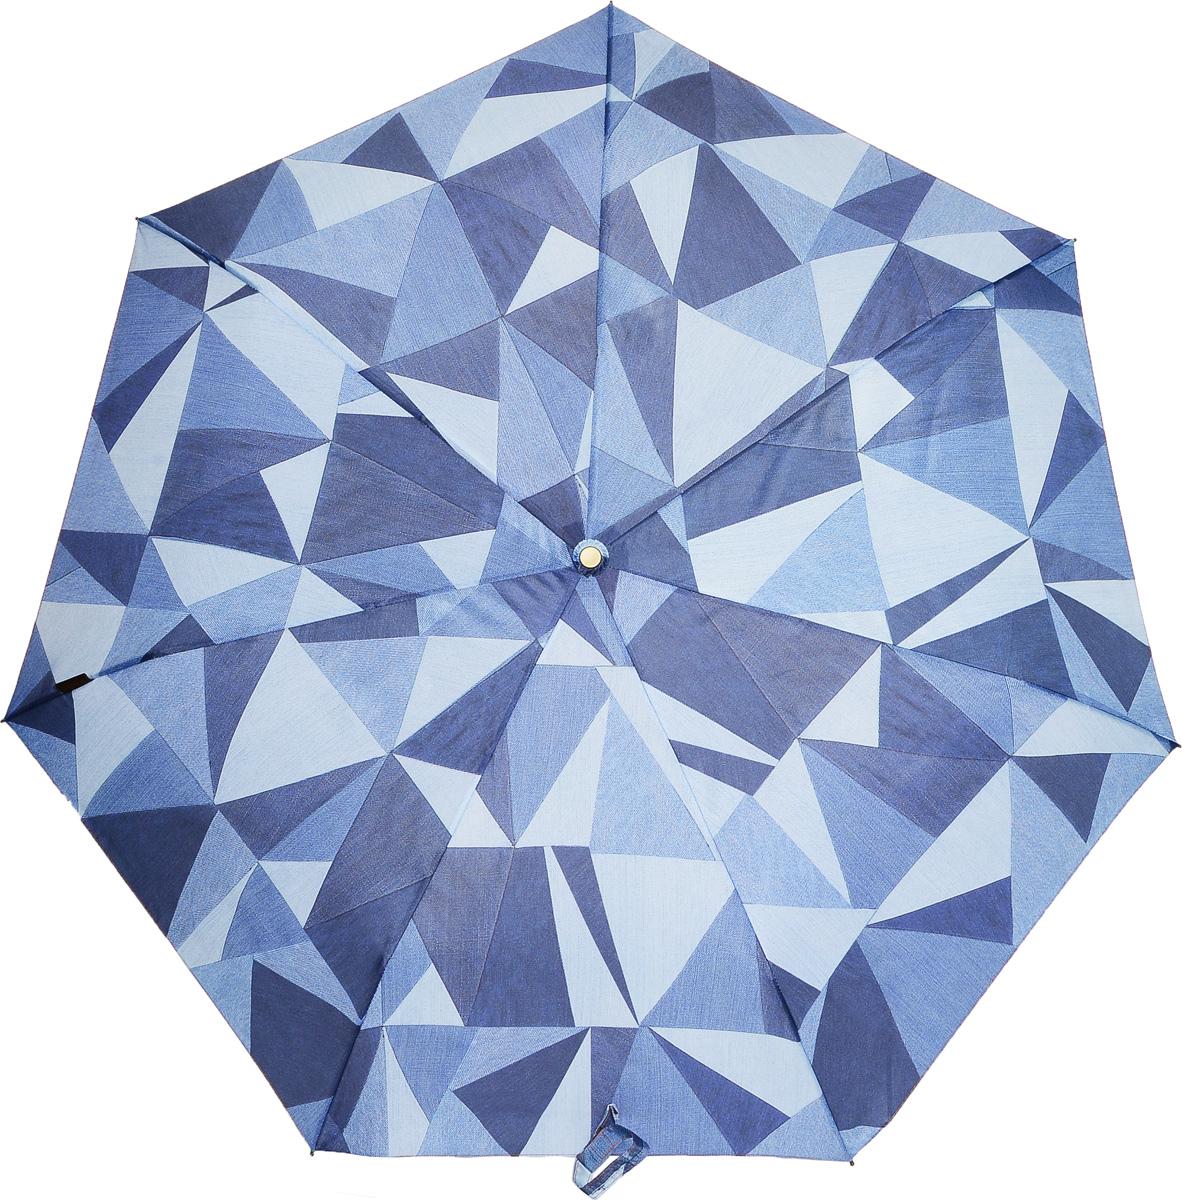 Bisetti 35163-1 Зонт полный автом. 3 сл. жен.35163-1Зонт испанского производителя Clima. В производстве зонтов используются современные материалы, что делает зонты легкими, но в то же время крепкими.Полный автомат, 3 сложения, 8 спиц по 54см, полиэстер.